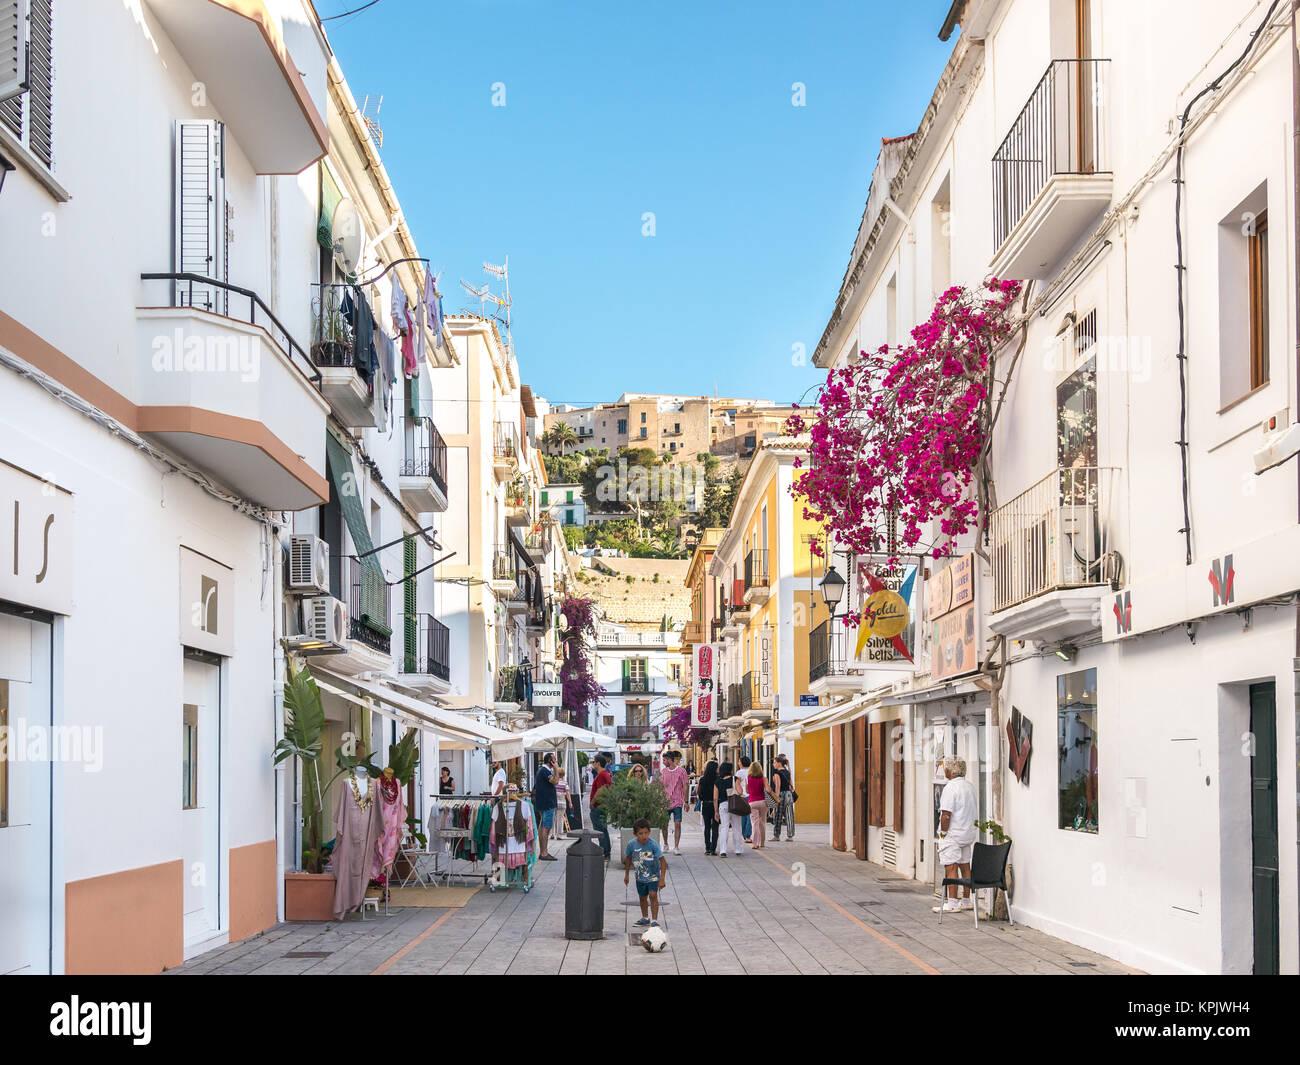 Ibiza, Spanien - 23. Mai 2015. Kleine gemütliche und weiße Straßen im Zentrum der Altstadt von Ibiza. Stockbild